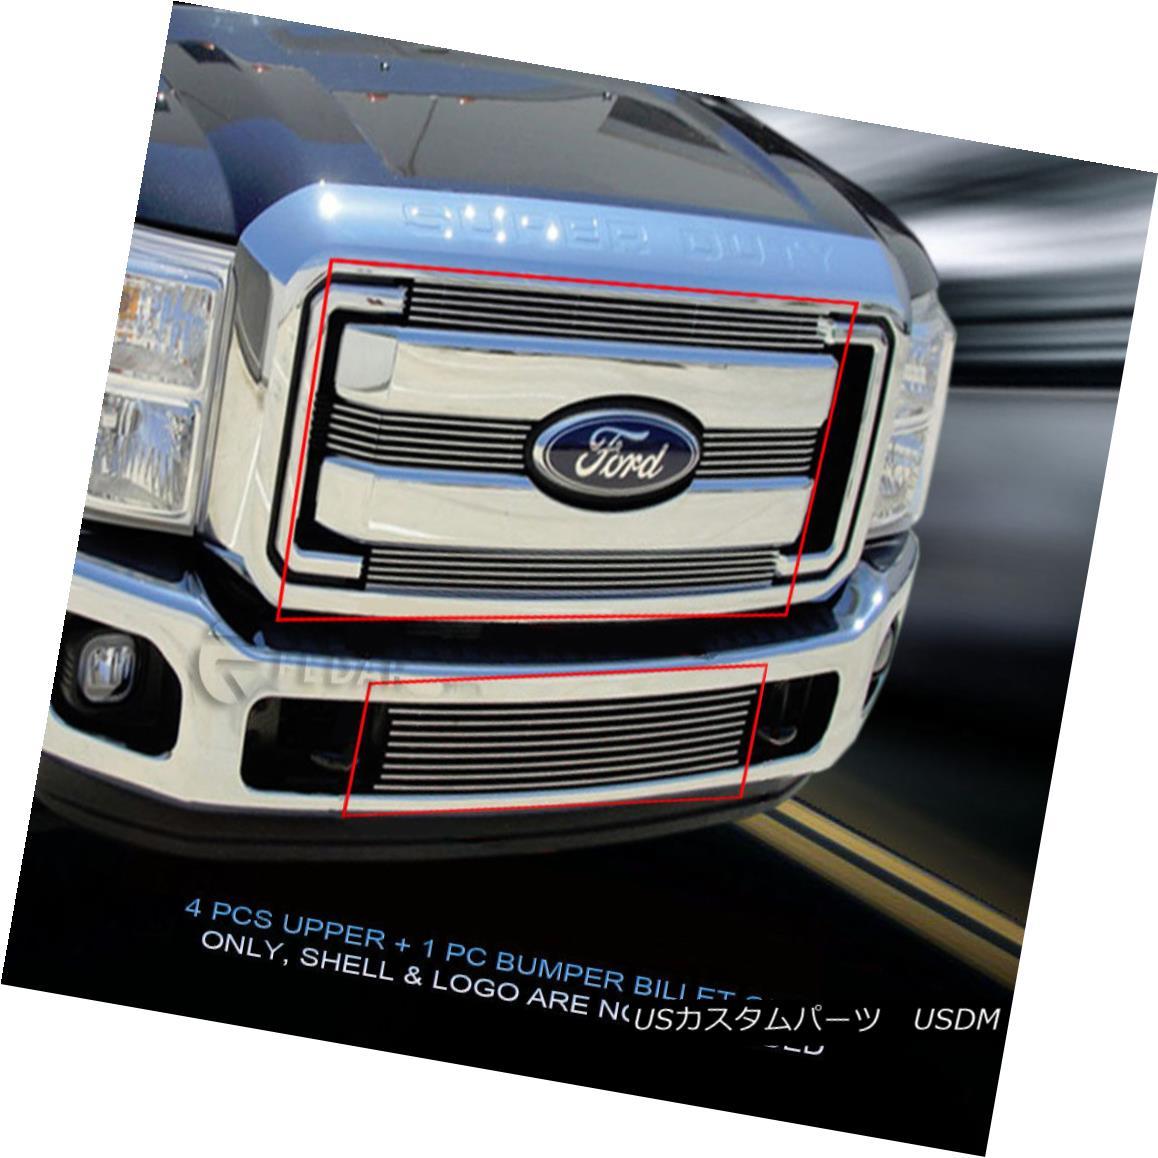 グリル Fits 2011-2016 Ford F-250/F-350/F-450/F-550 Billet Grille Combo Insert フィット2011-2016フォードF-250 / F-350 / F- 450 / F-550ビレットグリルコンボインサート